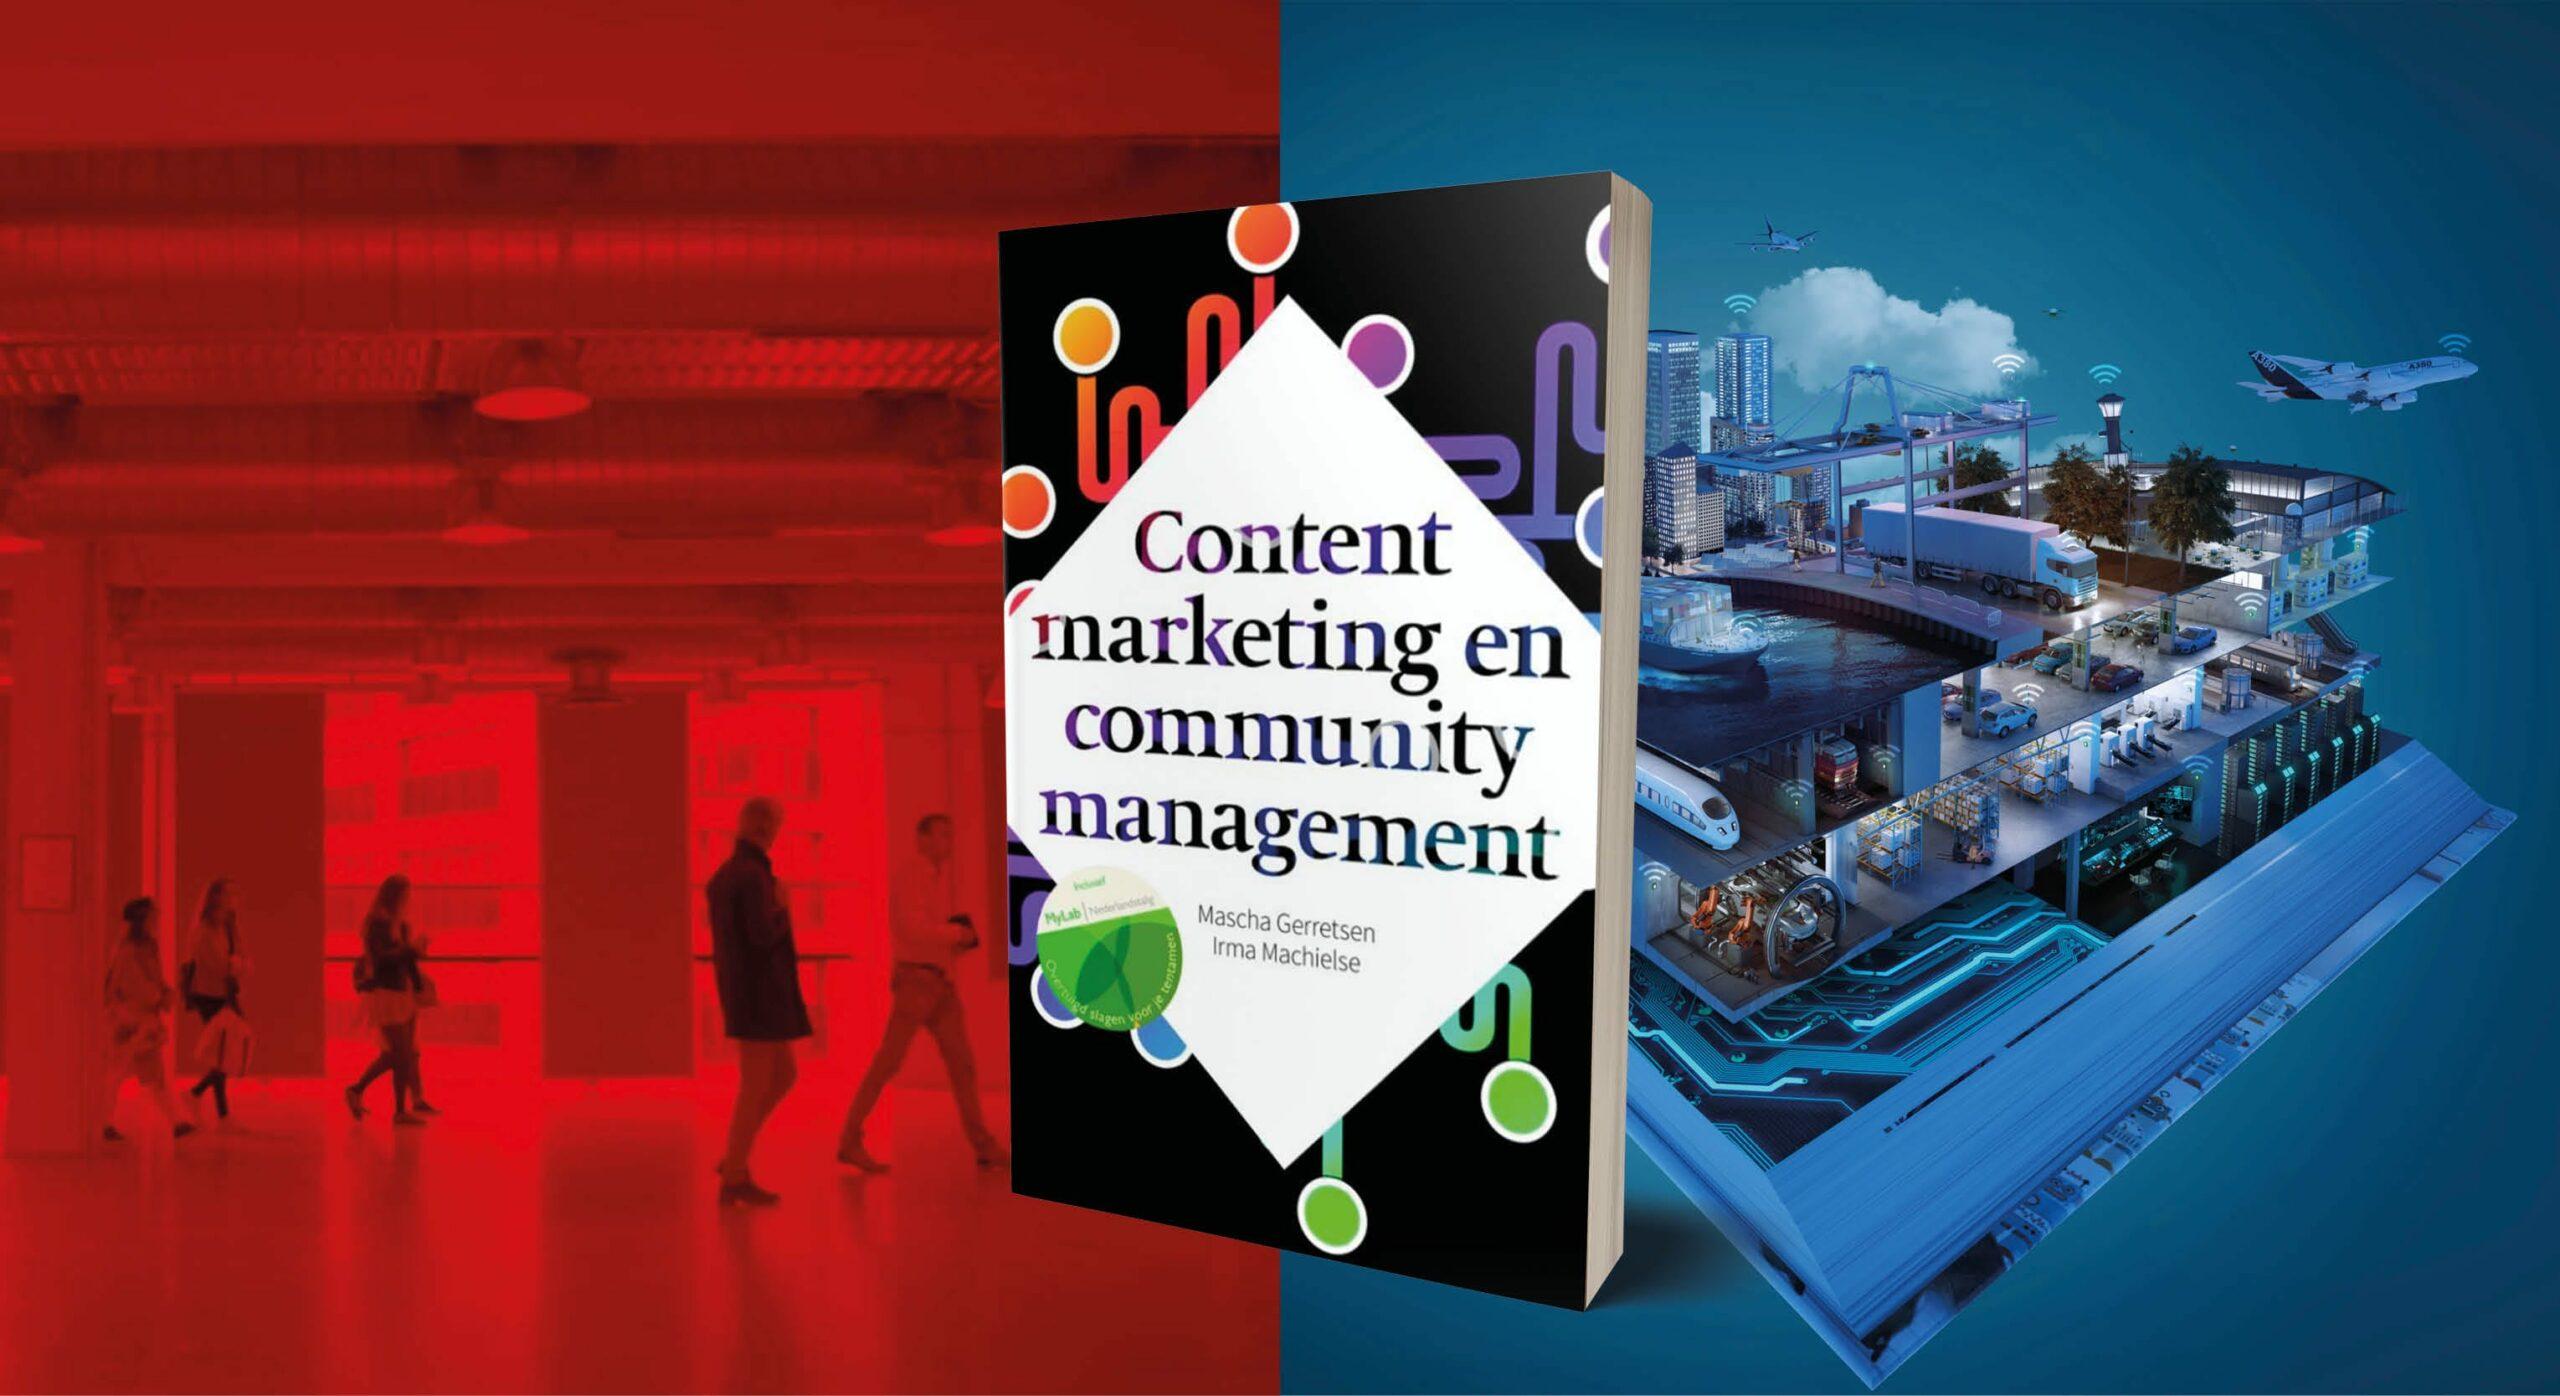 (Recensie Register Marketeers) Content marketing en community management